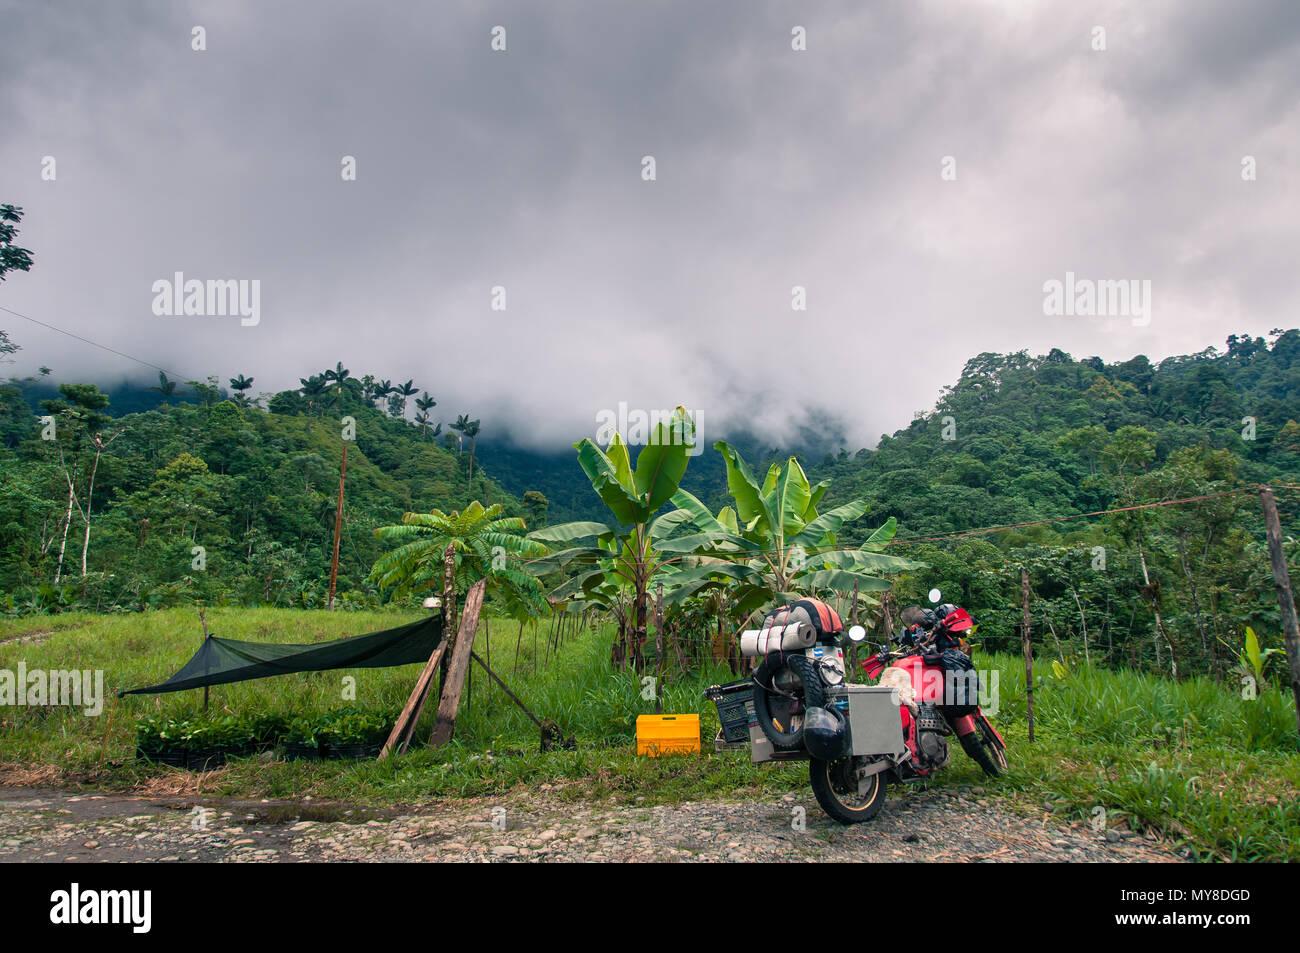 Moto e amaca in ambiente rurale, Quito Pichincha, Ecuador Immagini Stock